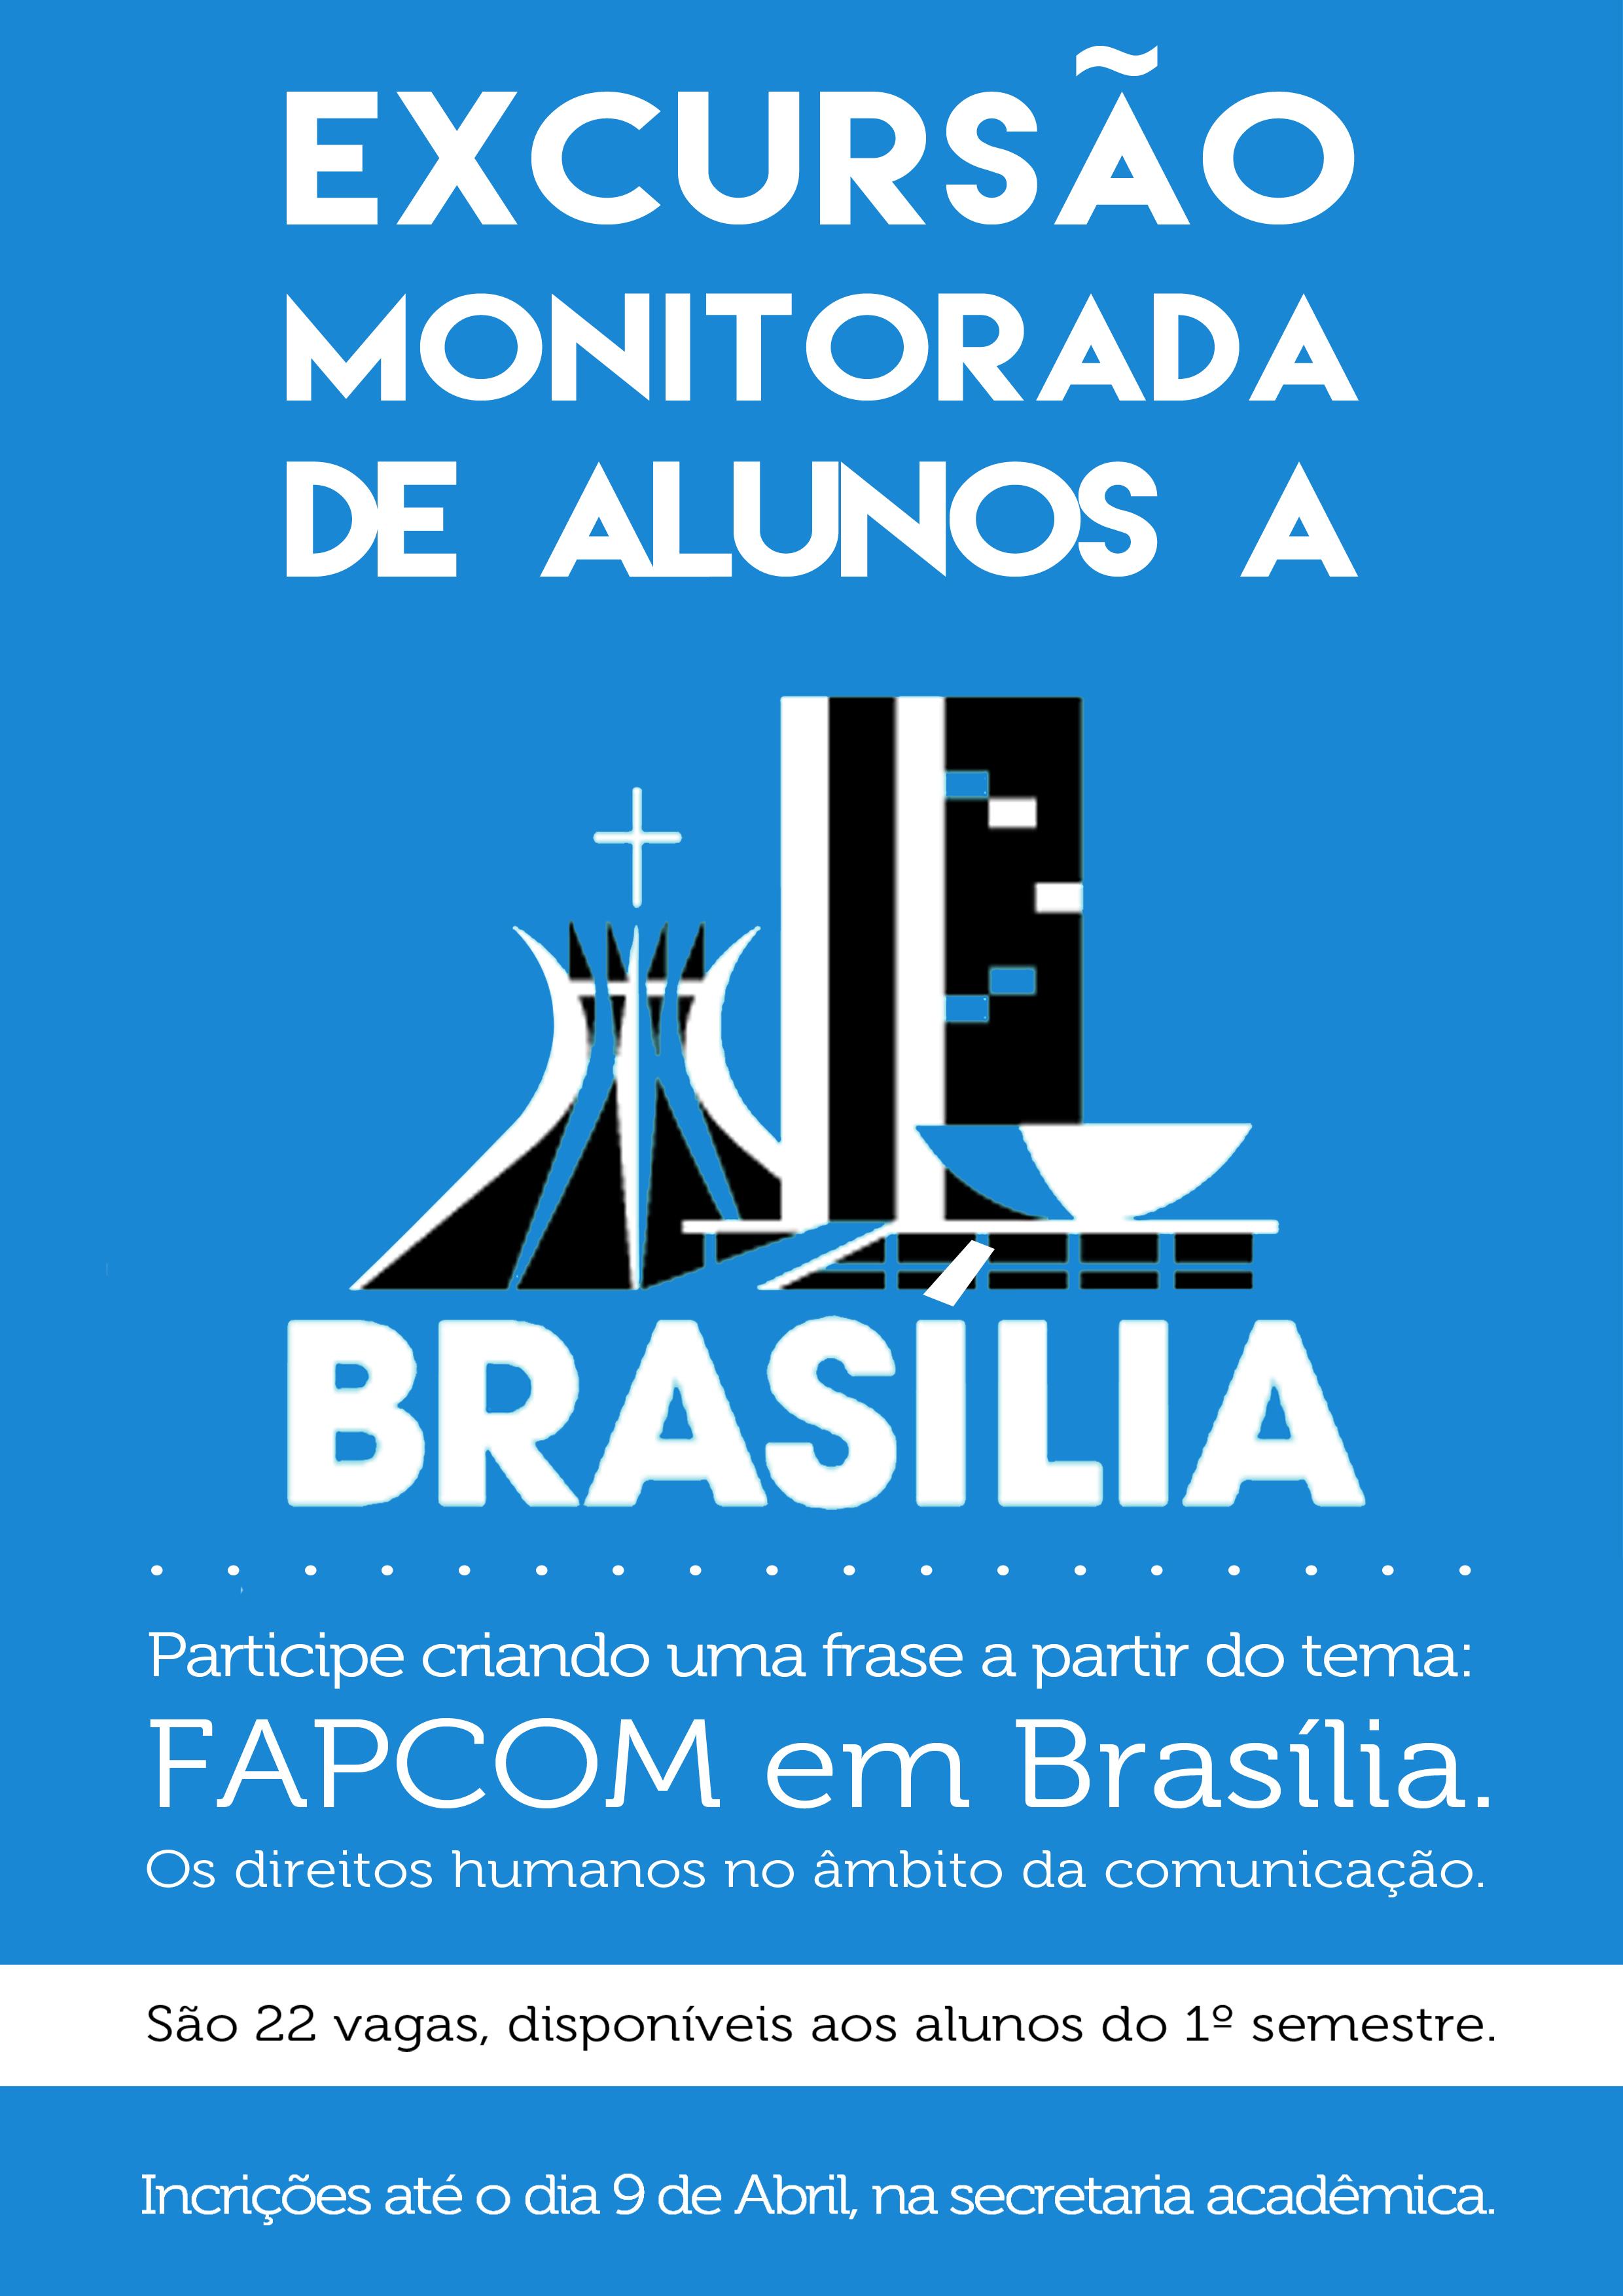 a5d500da4bf Excursão Monitorada de Alunos a Brasília. - FAPCOM